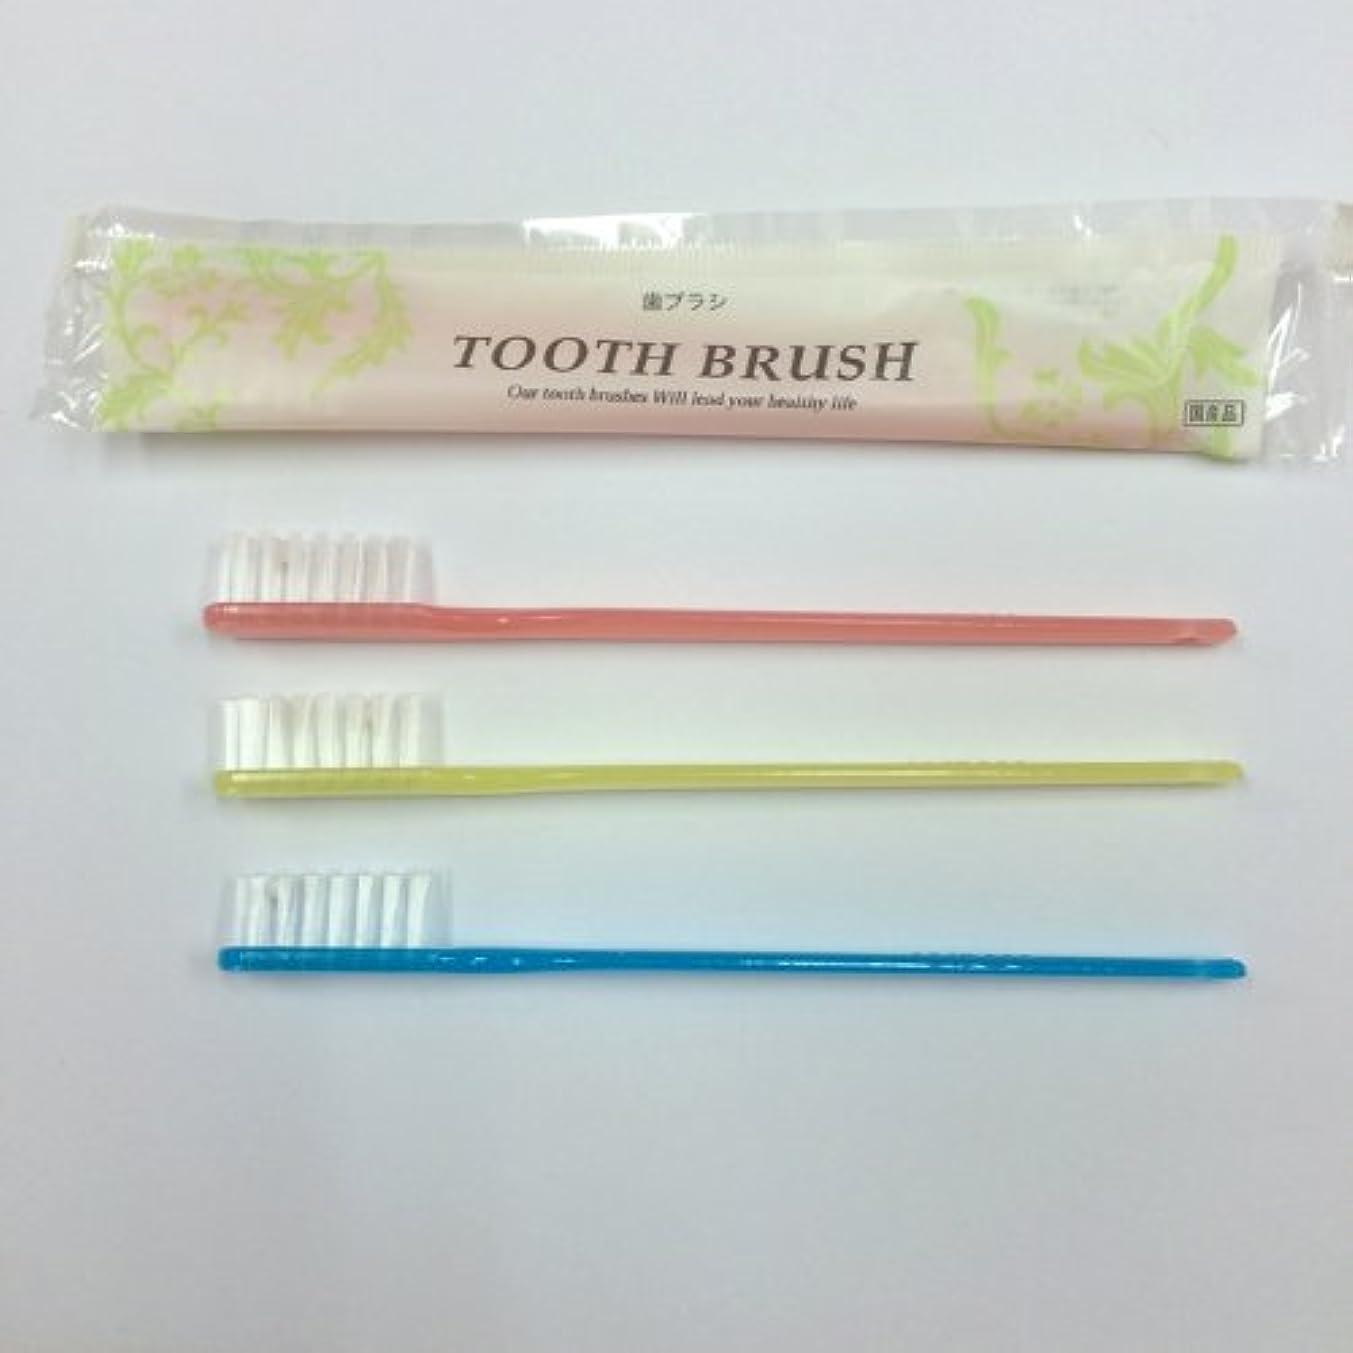 近々忘れっぽい広がりインスタント歯ブラシ 3色アソート(ピンク?ブルー?イエロー) 200本